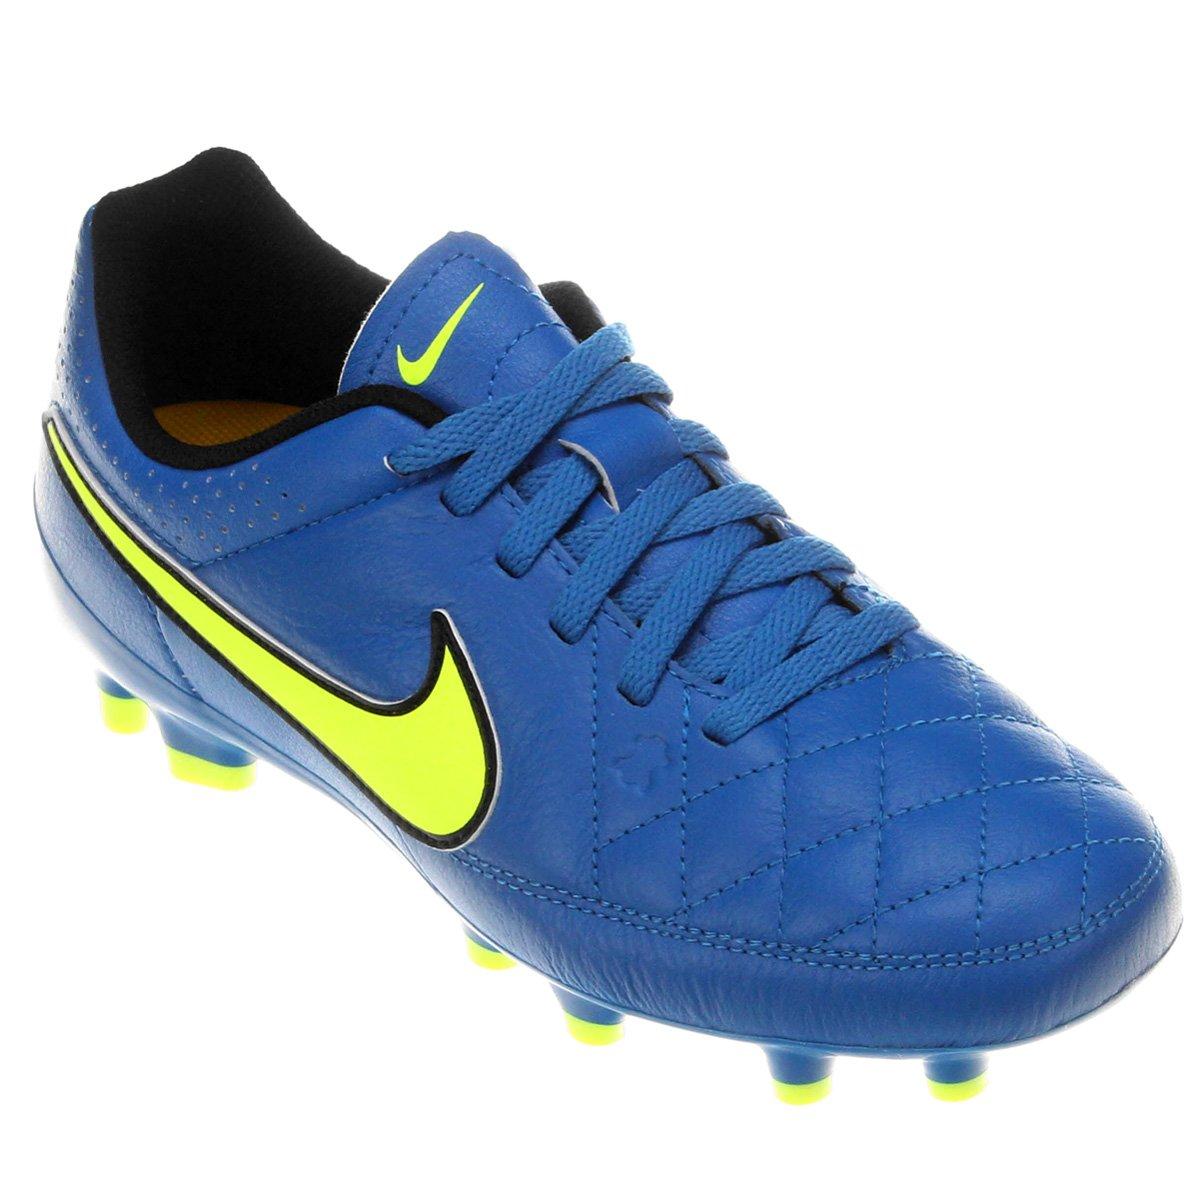 77dea25dc4 Chuteira Nike Tiempo Gênio Leather FG Campo Infantil - Compre Agora ...